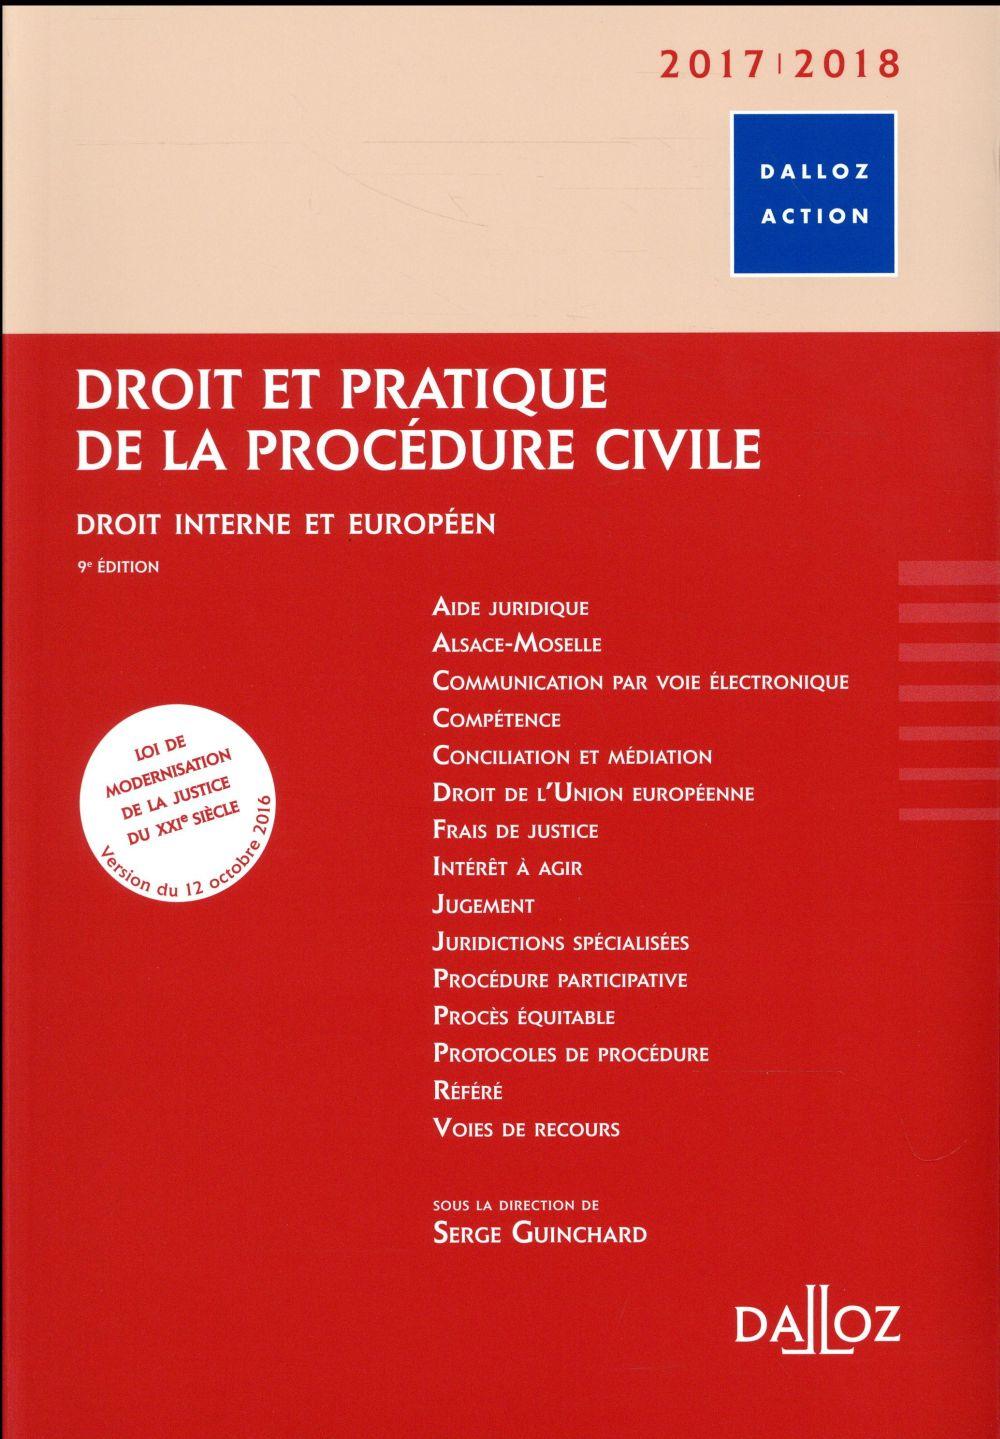 DROIT ET PRATIQUE DE LA PROCEDURE CIVILE 20172018. DROIT INTERNE ET EUROPEEN.   9E ED.